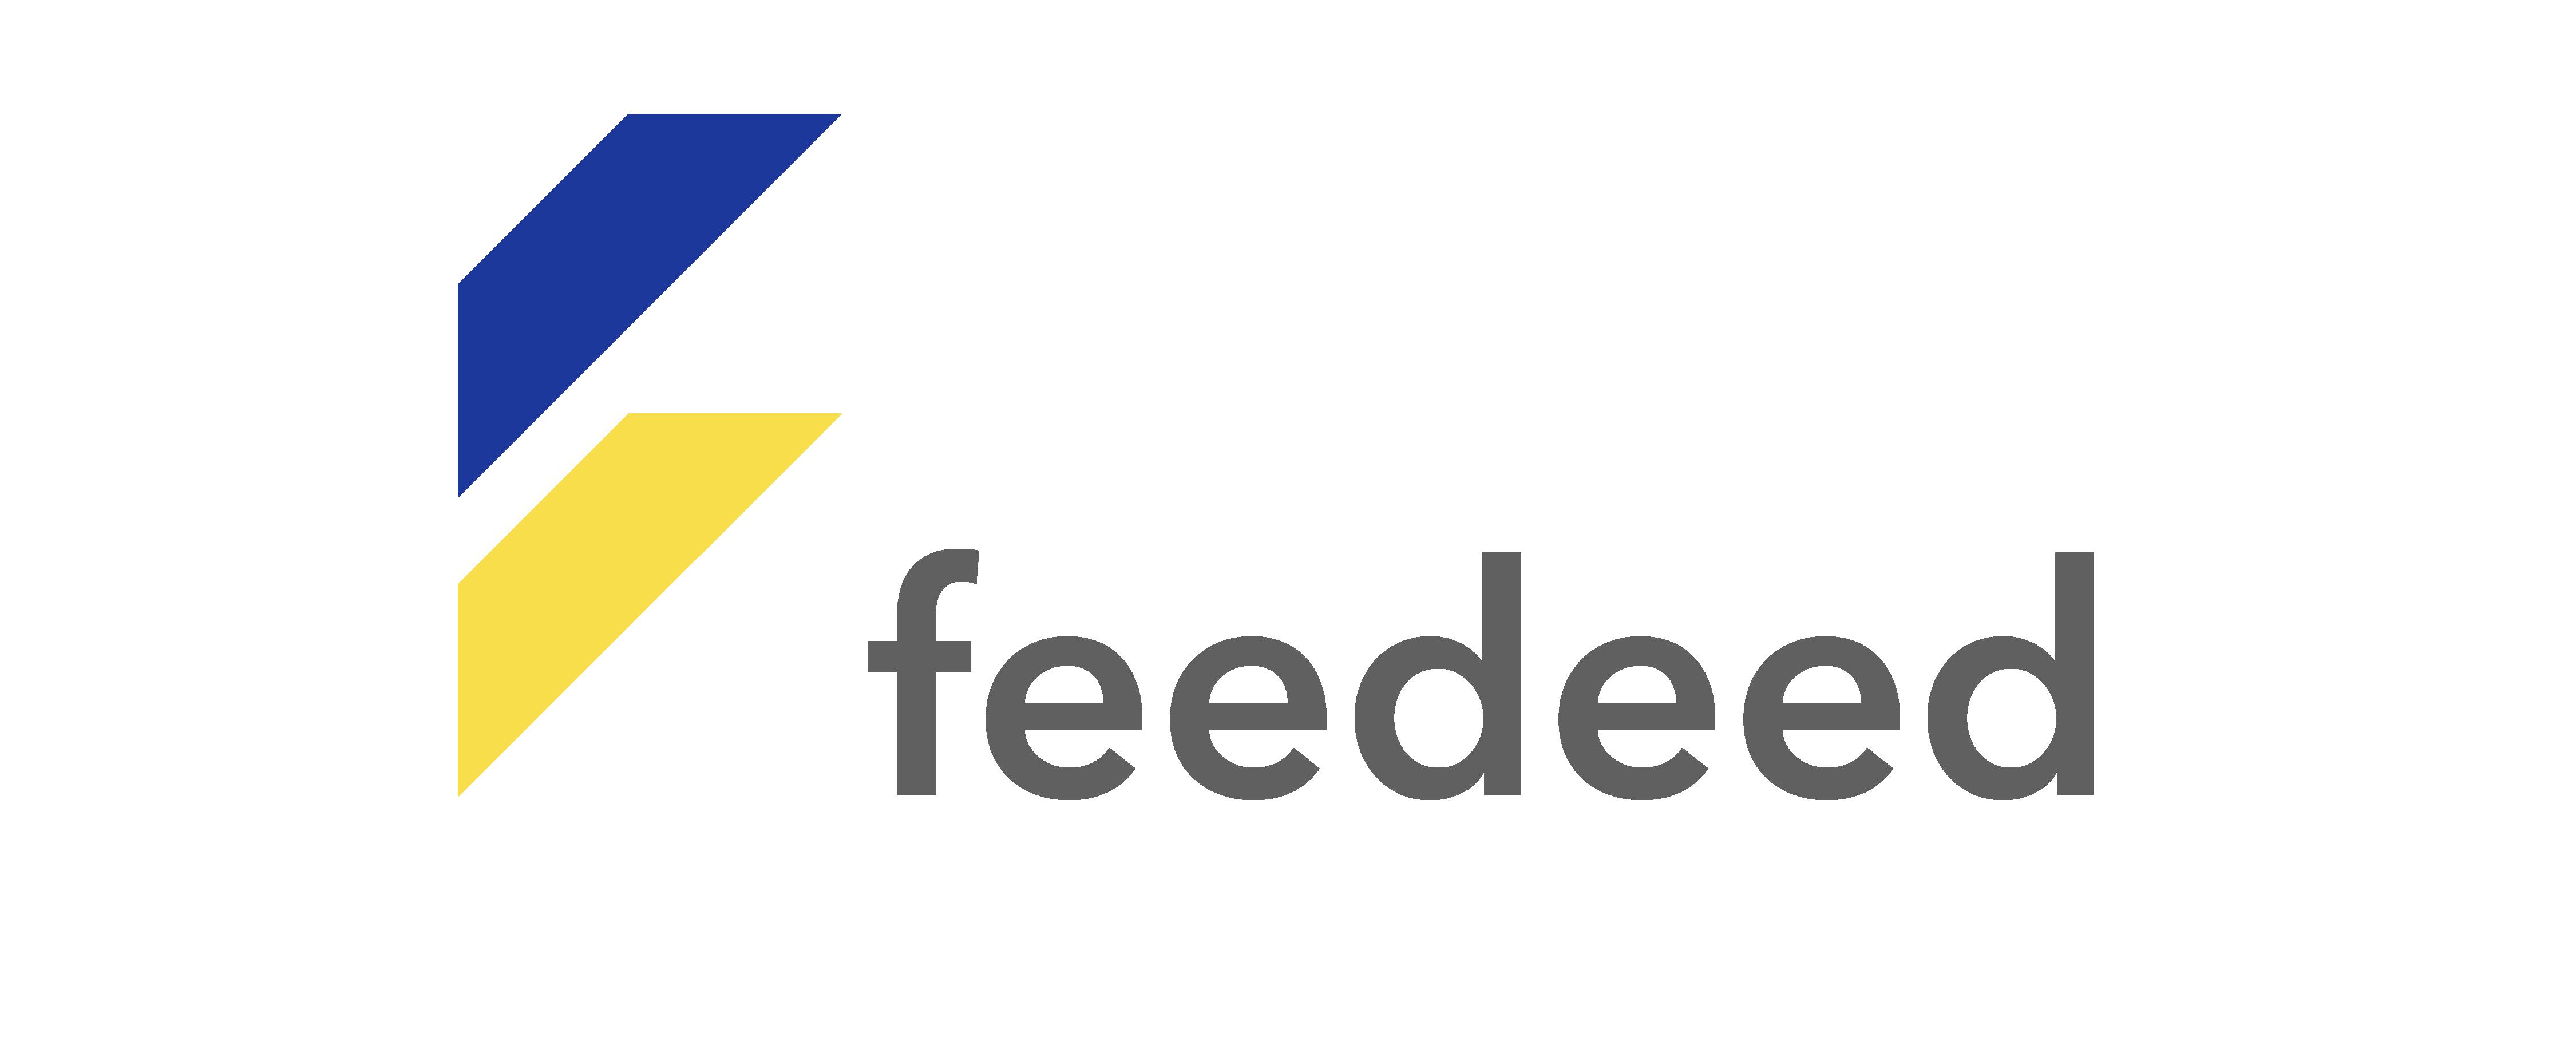 Feedeed.com